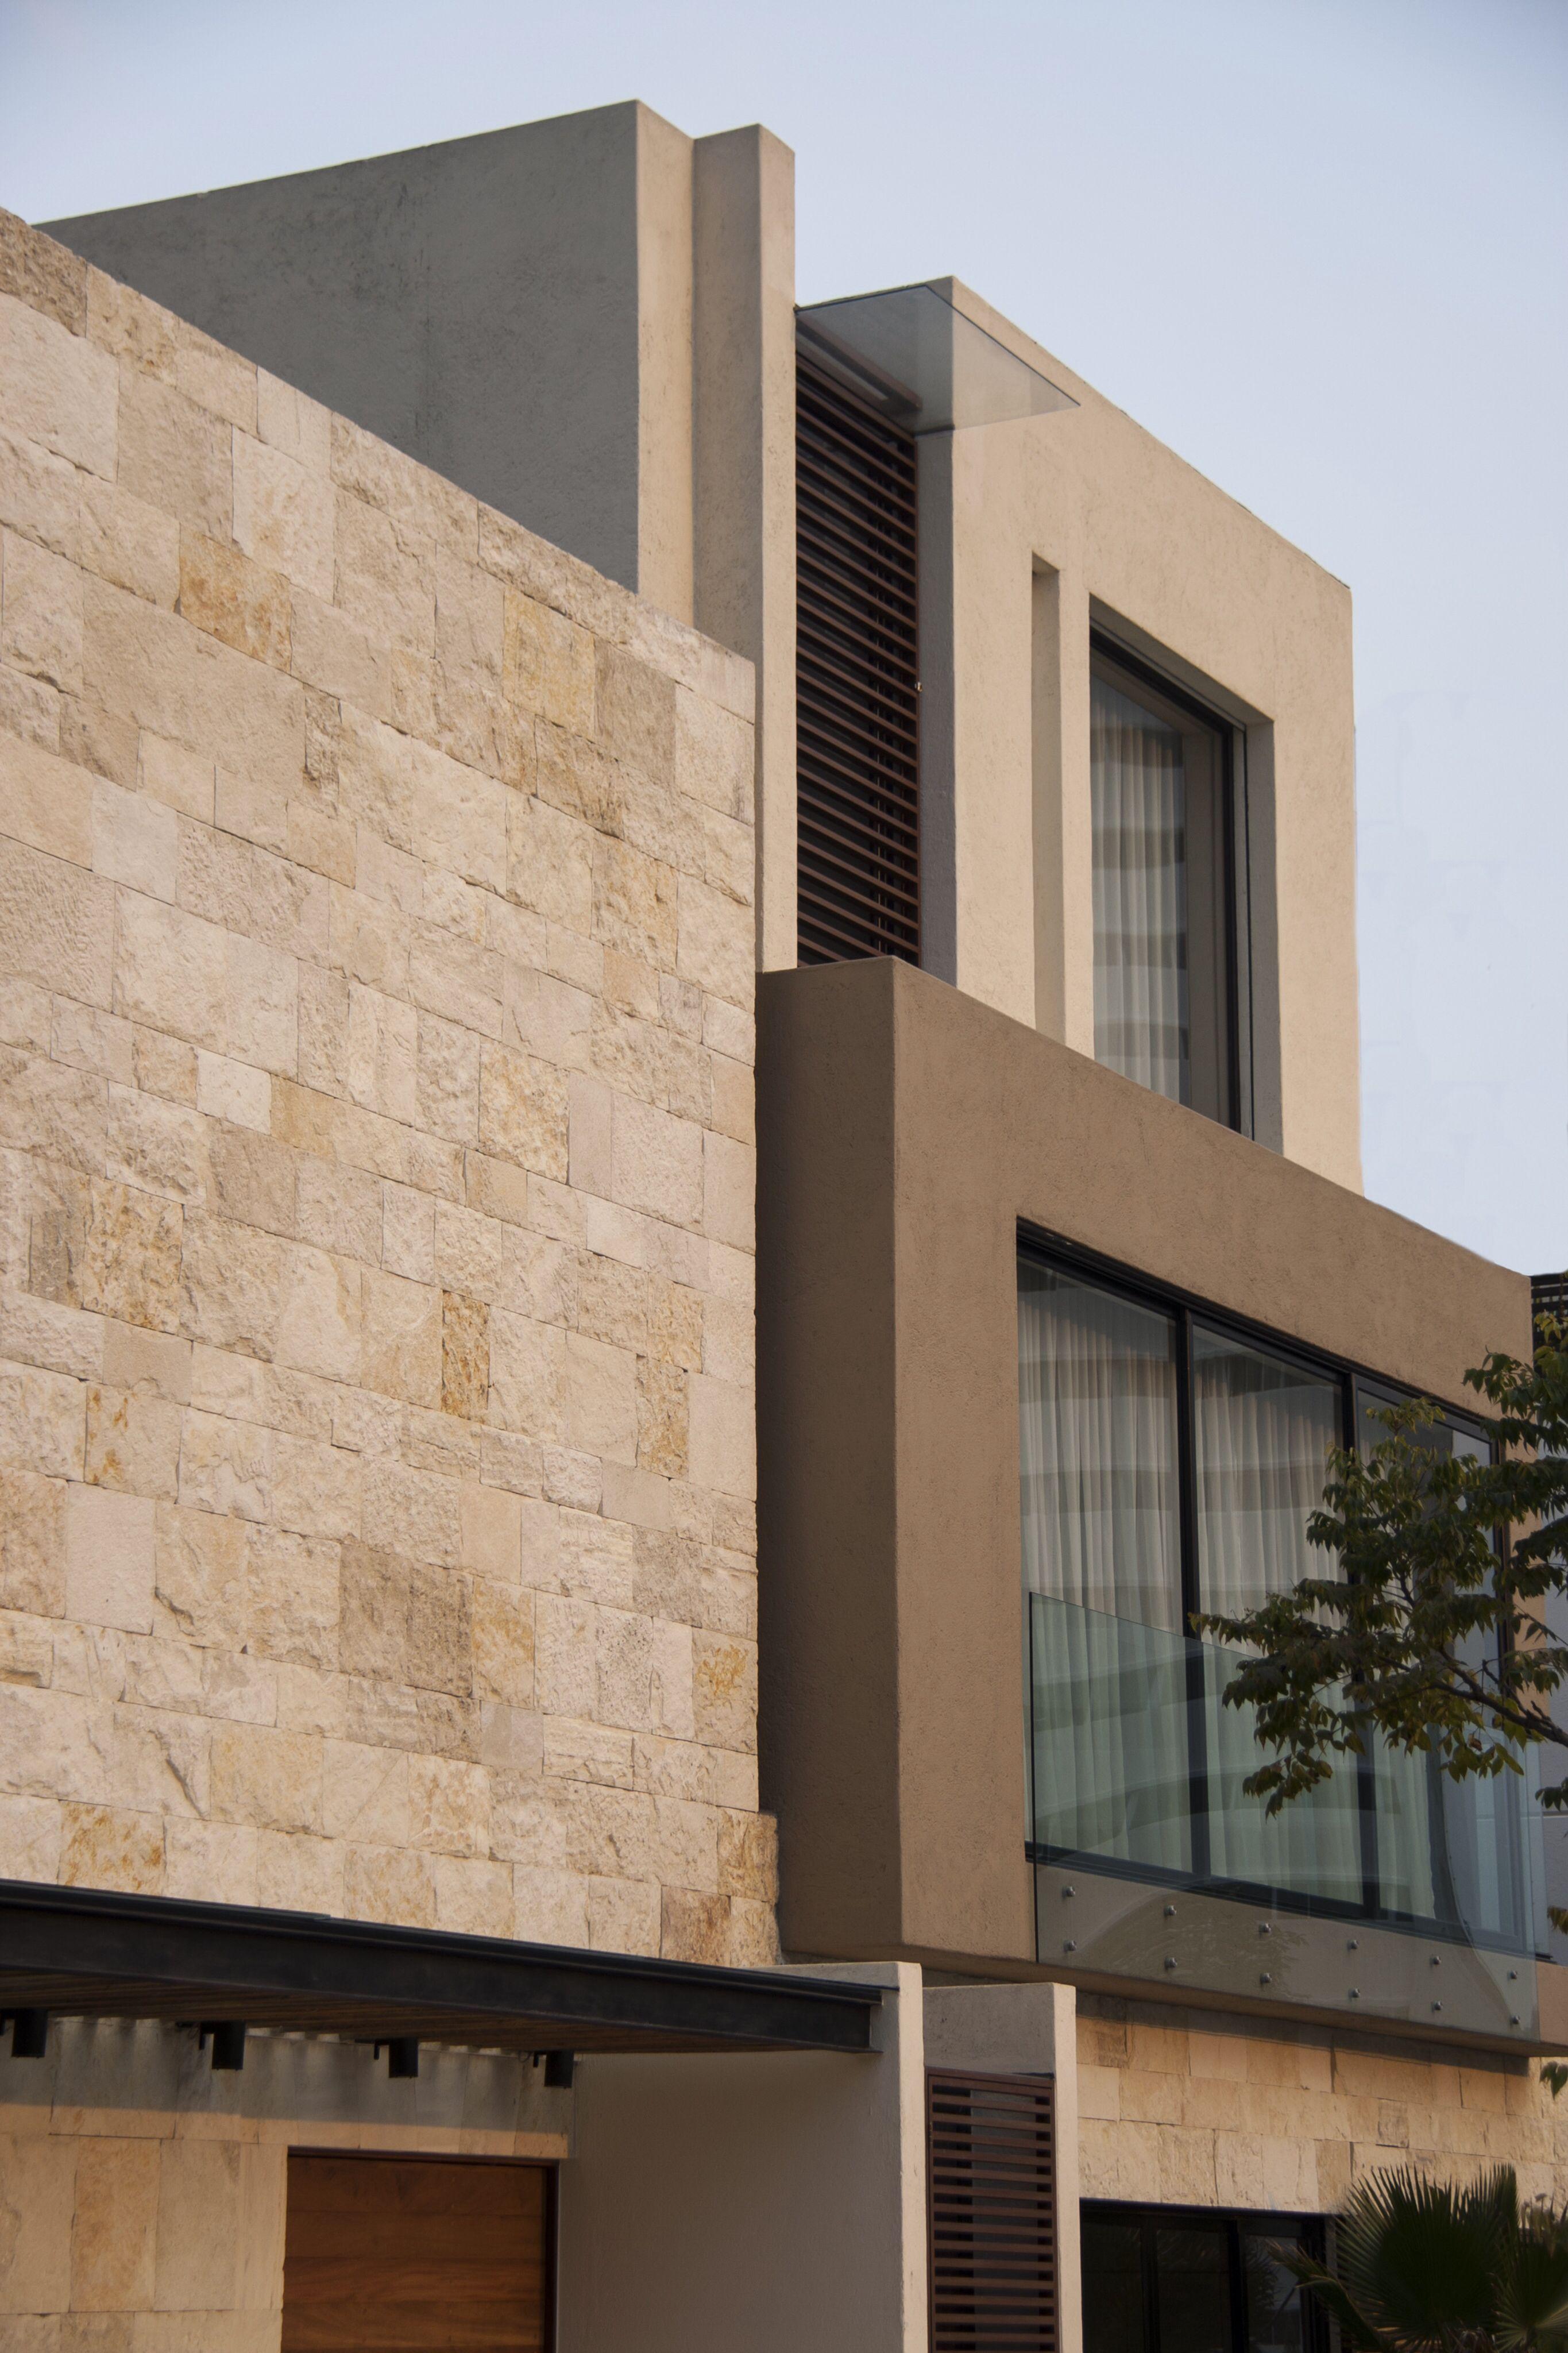 Casa ss fachada muros de piedra canceleria de - Fachada de casa ...